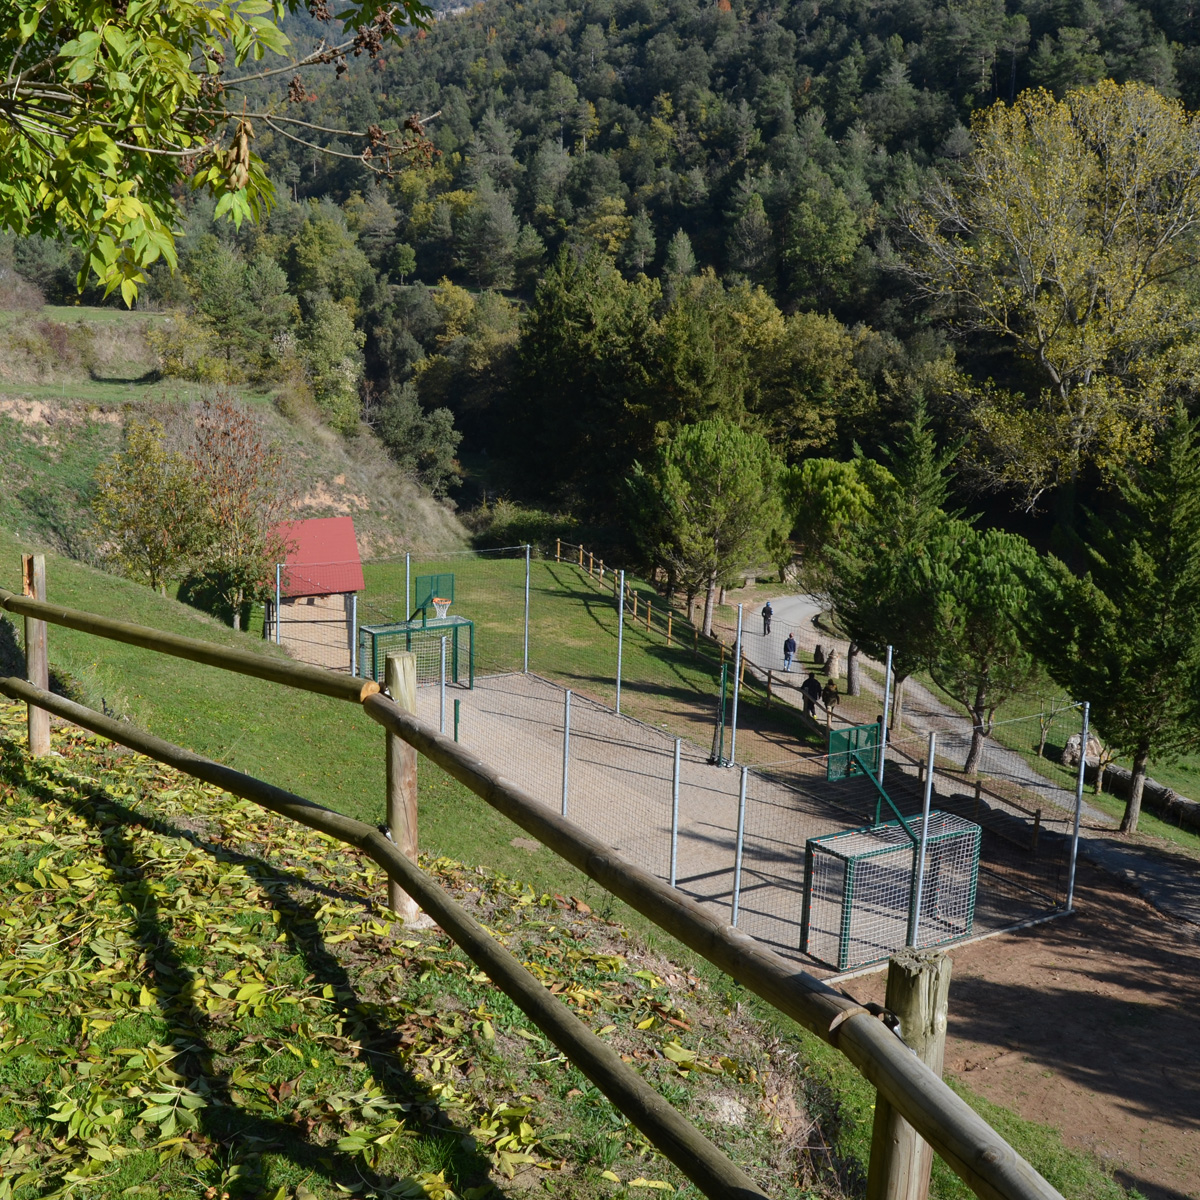 Outdoor facilities